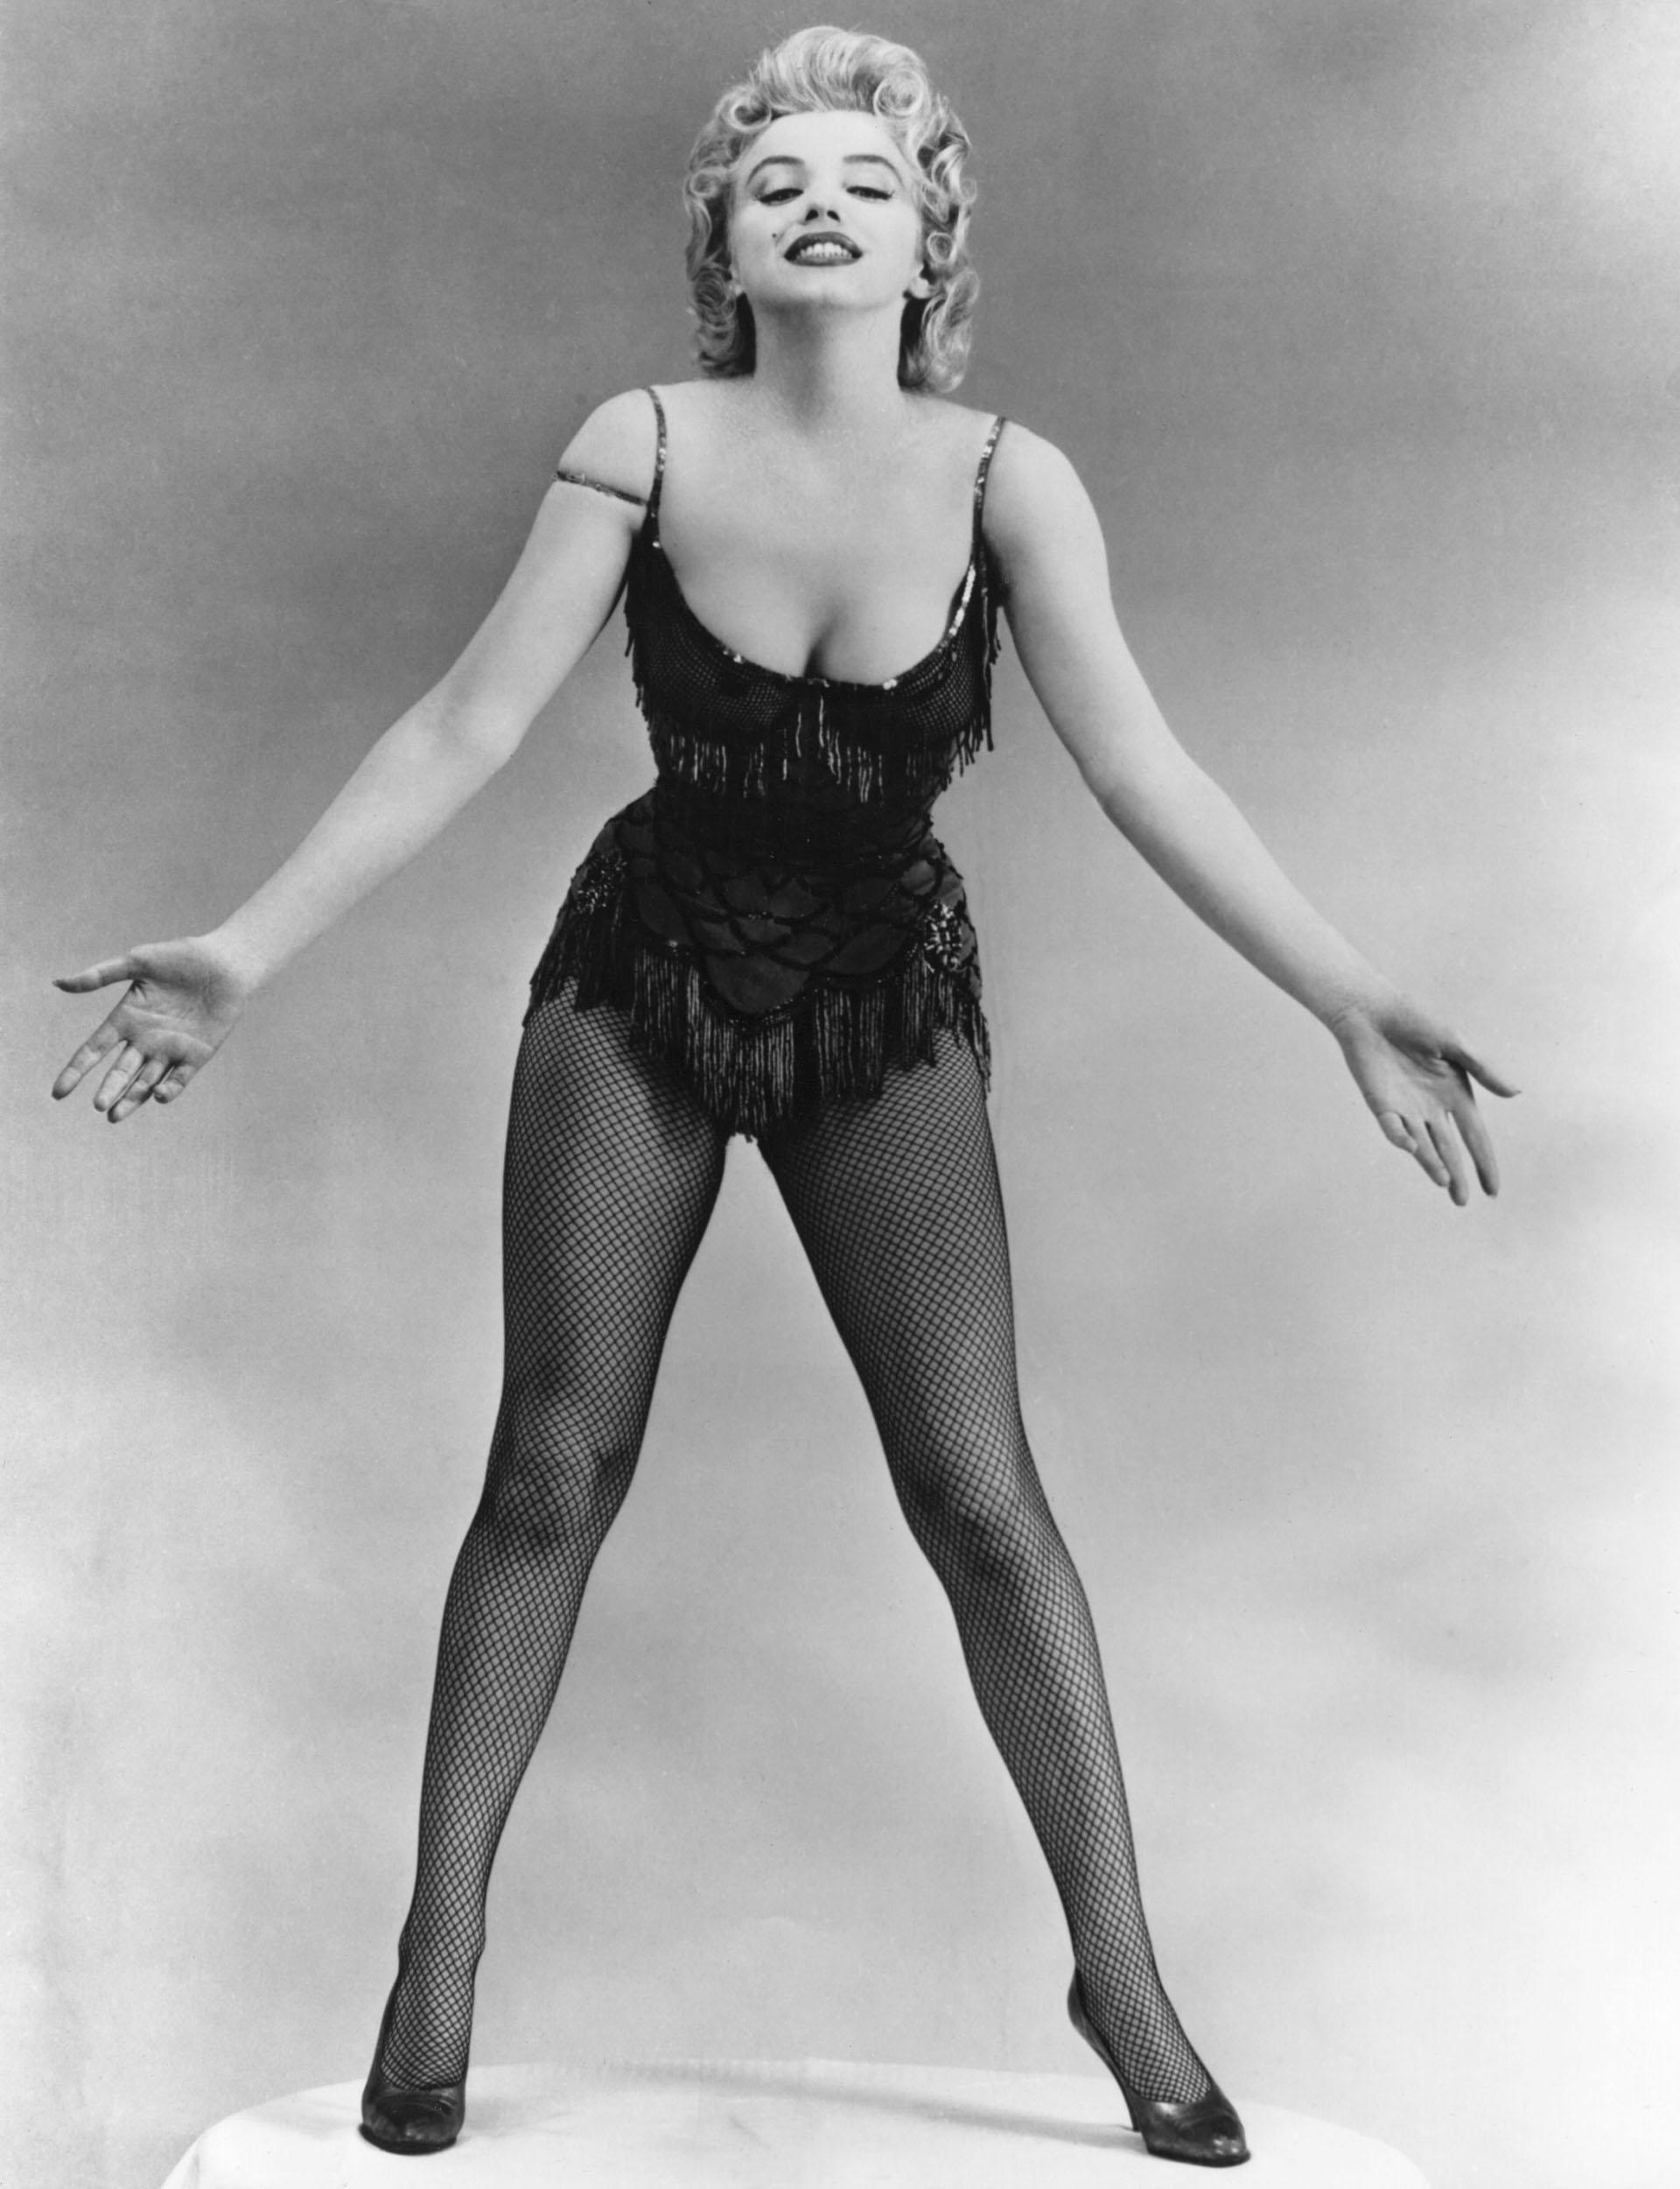 Su actitud de sex symbolle regaló la aceptación de un Hollywood reprimido en los años 50, posicionándola en la élite de las mujeres más bellas del mundo (Keystone Features/Getty Images)